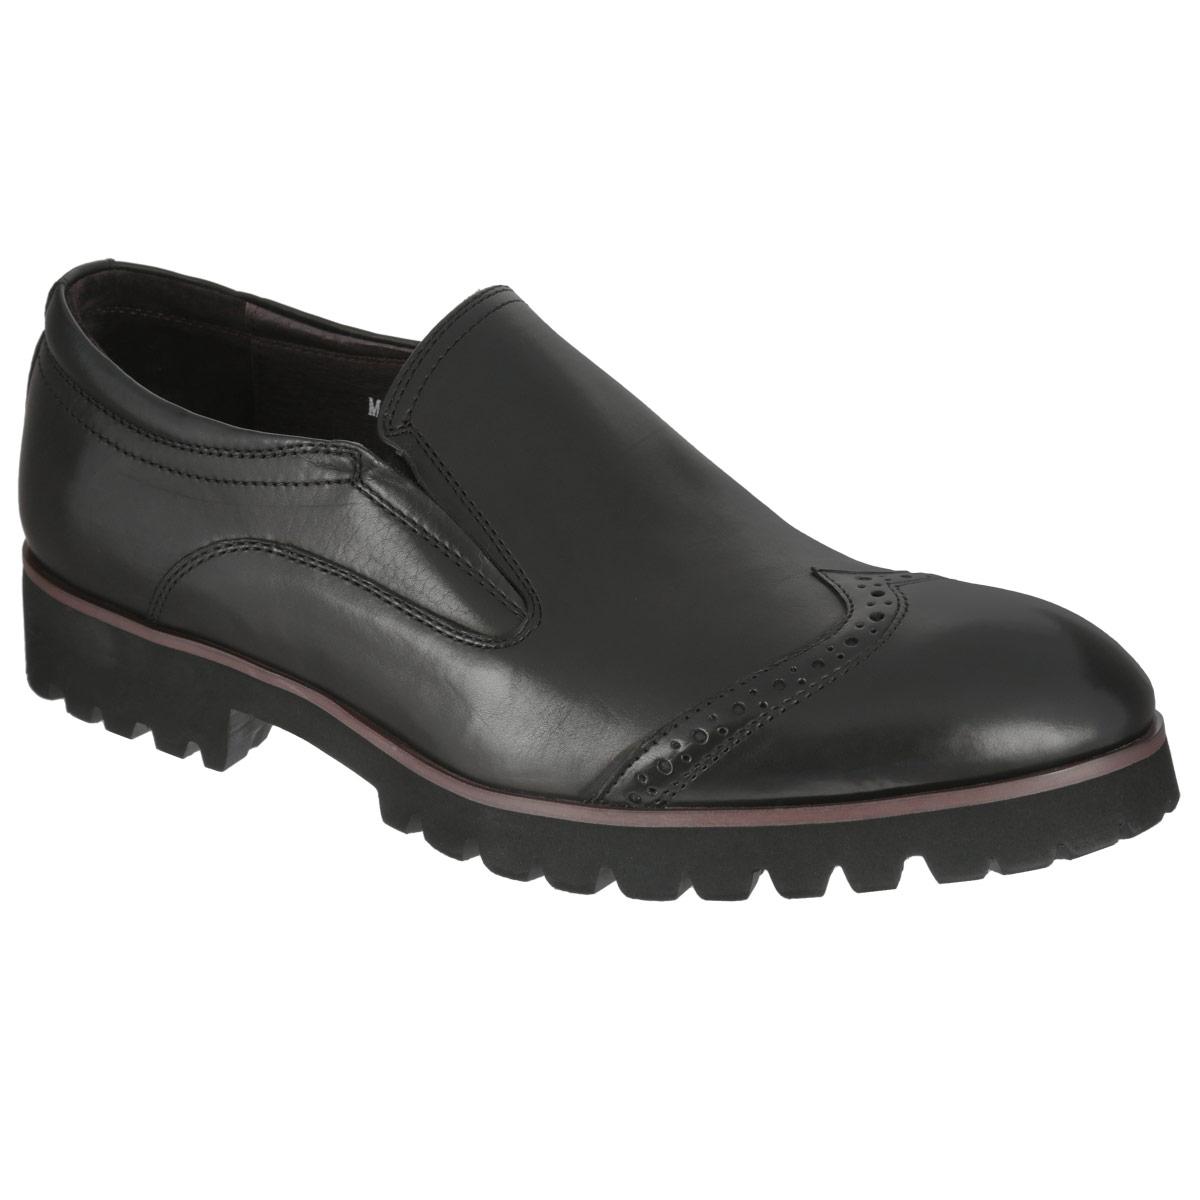 Туфли мужские. M22002M22002Трендовые мужские туфли Vitacci займут достойное место в вашем гардеробе. Модель изготовлена из высококачественной натуральной кожи и оформлена задним наружным ремнем, перфорацией на мысе. Резинки, расположенные на подъеме, обеспечивают оптимальную посадку обуви на ноге. Стелька из натуральной кожи оснащена перфорацией, что позволяет ногам дышать. Каблук и подошва с протектором обеспечивают идеальное сцепление с поверхностью. Стильные туфли не оставят равнодушным ни одного мужчину.